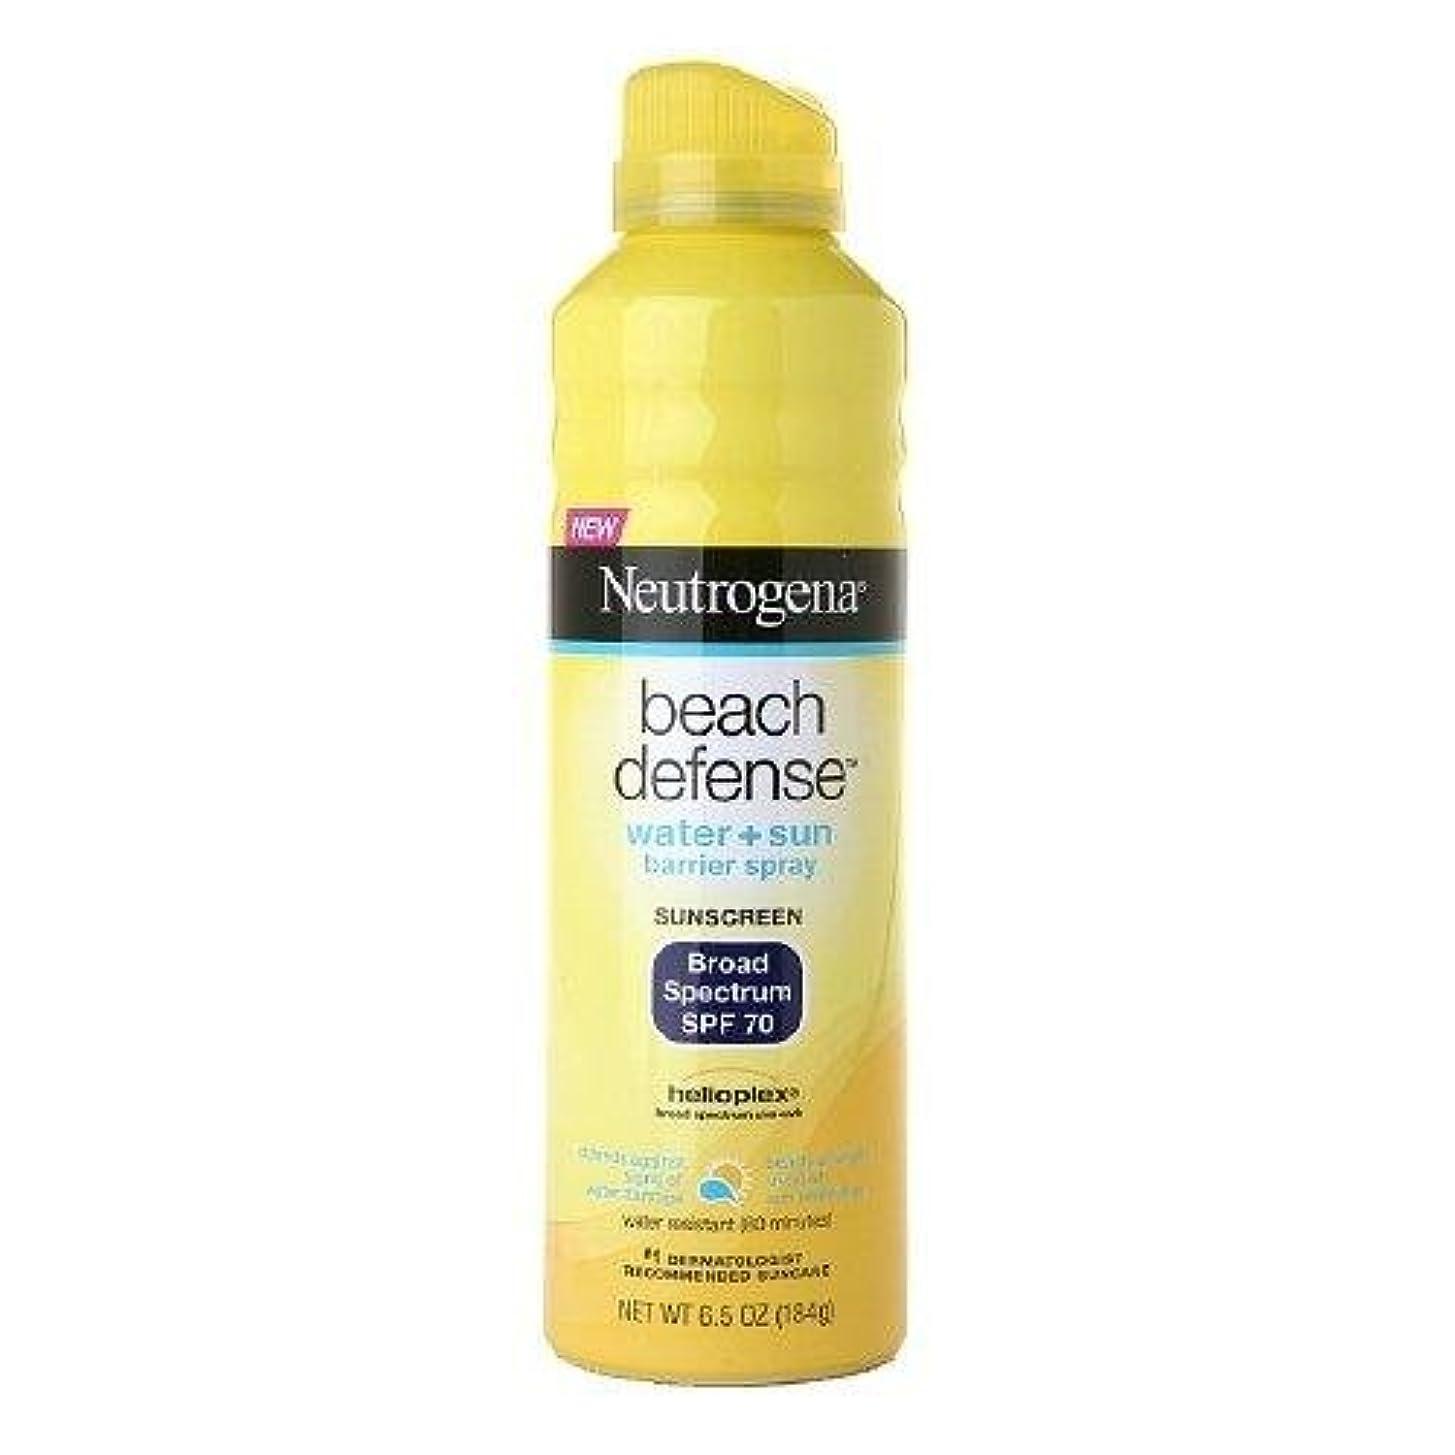 非アクティブエール温度【海外直送品】 ニュートロジーナ 皮膚科推薦 日焼け止めスプレー SPF70 184g  Neutrogena Beach Defense Broad Spectrum Sunscreen Spray, SPF 70,...